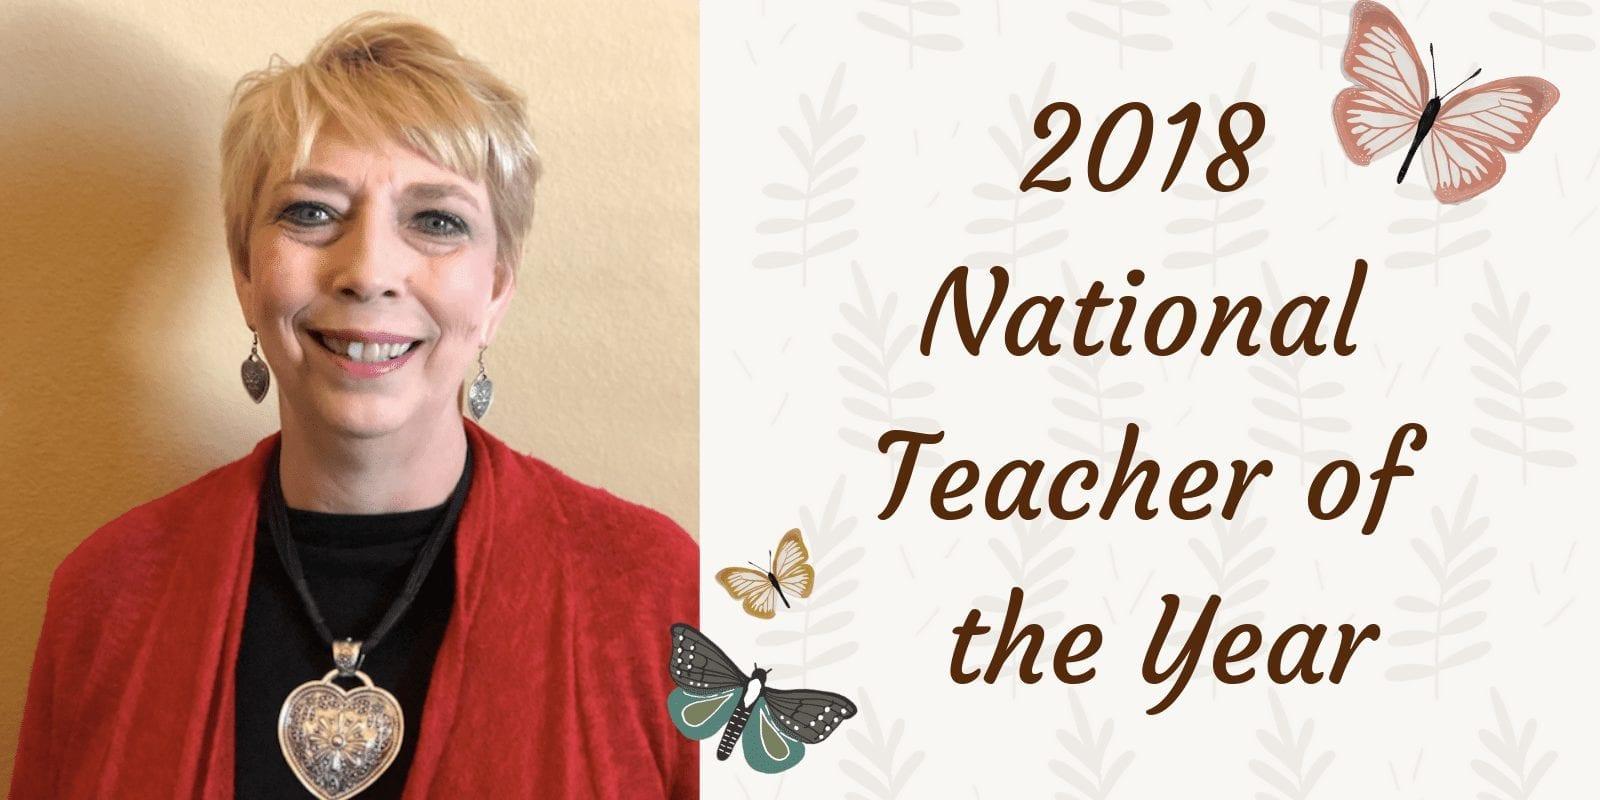 Teresa Obert, Little Sunshine's Playhouse & Preschool 2018 Teacher of the Year